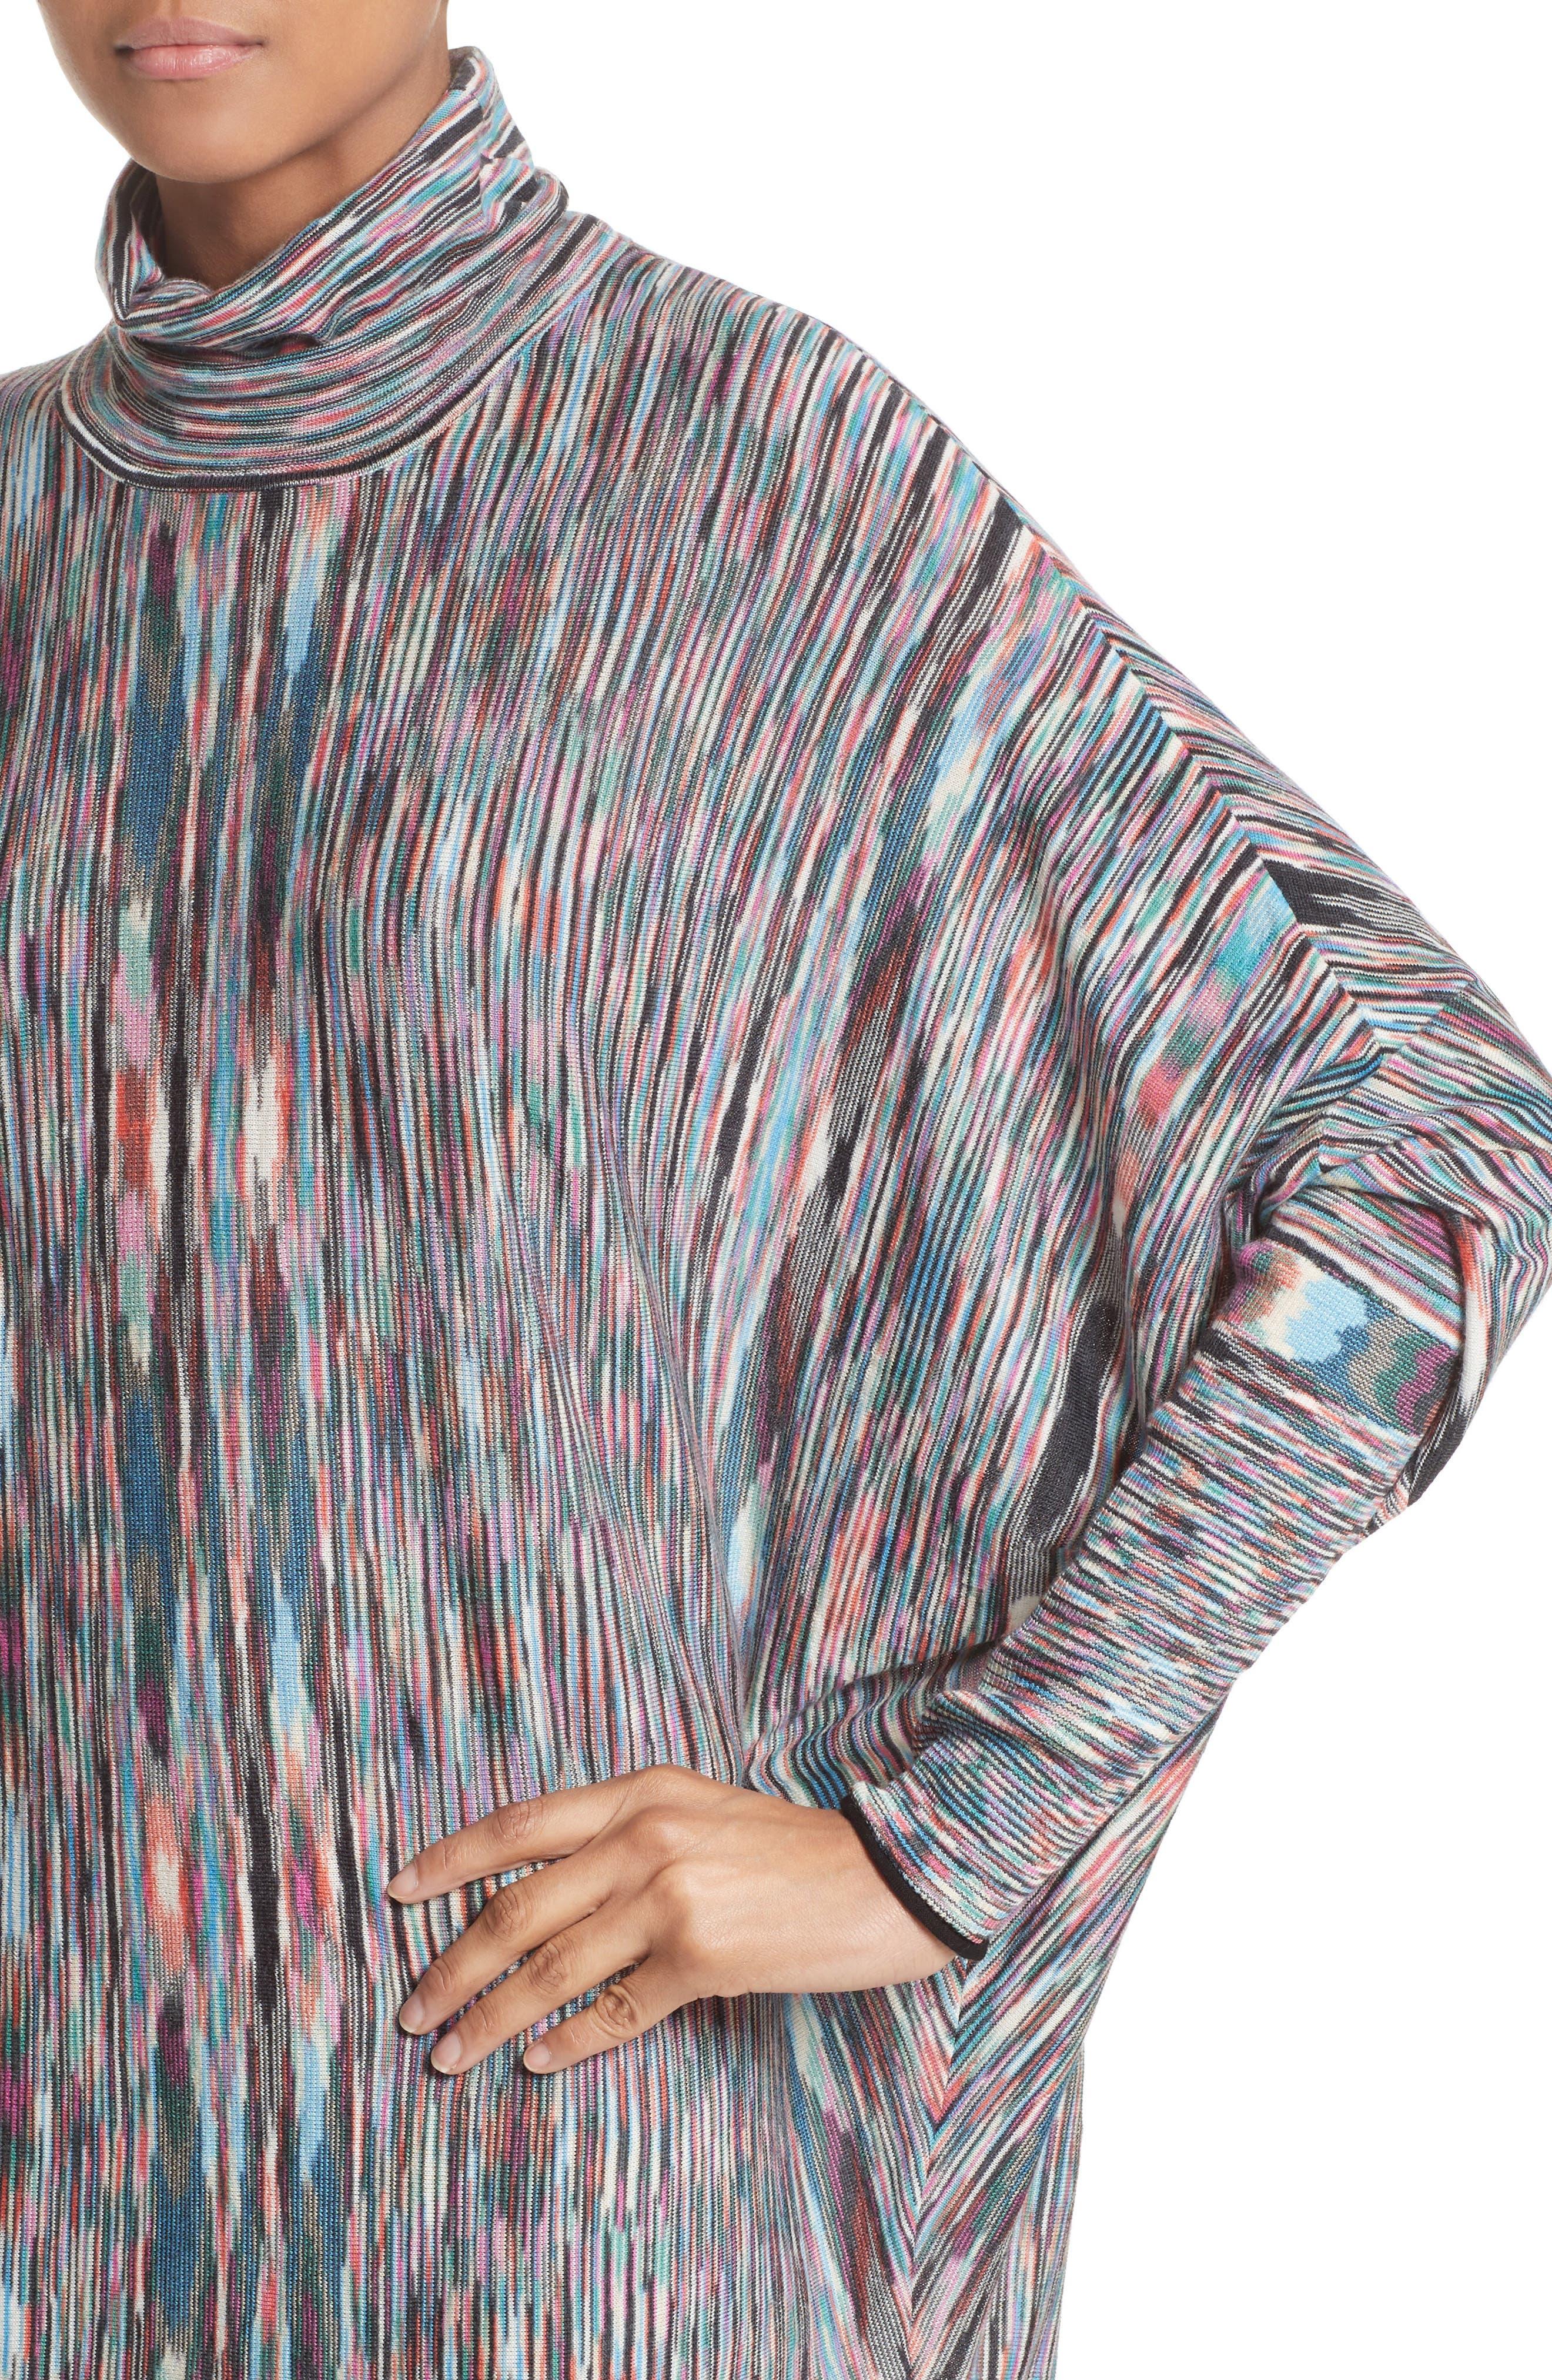 Space Dye Knit Dress,                             Alternate thumbnail 4, color,                             001